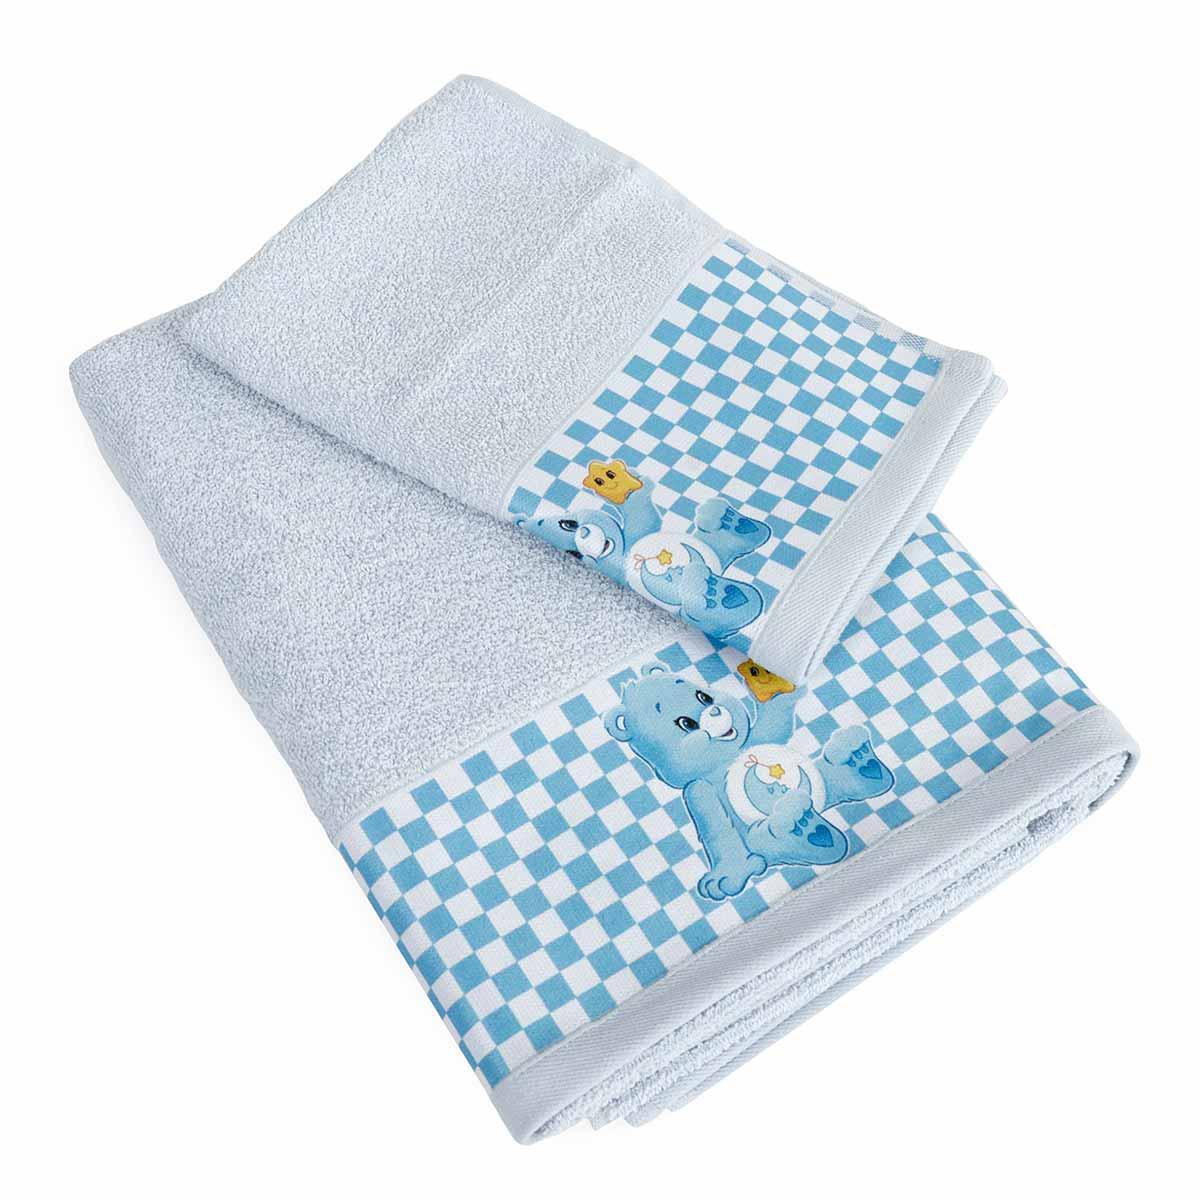 Βρεφικές Πετσέτες (Σετ 2τμχ) Dimcol Baby Bear 83 Σιέλ